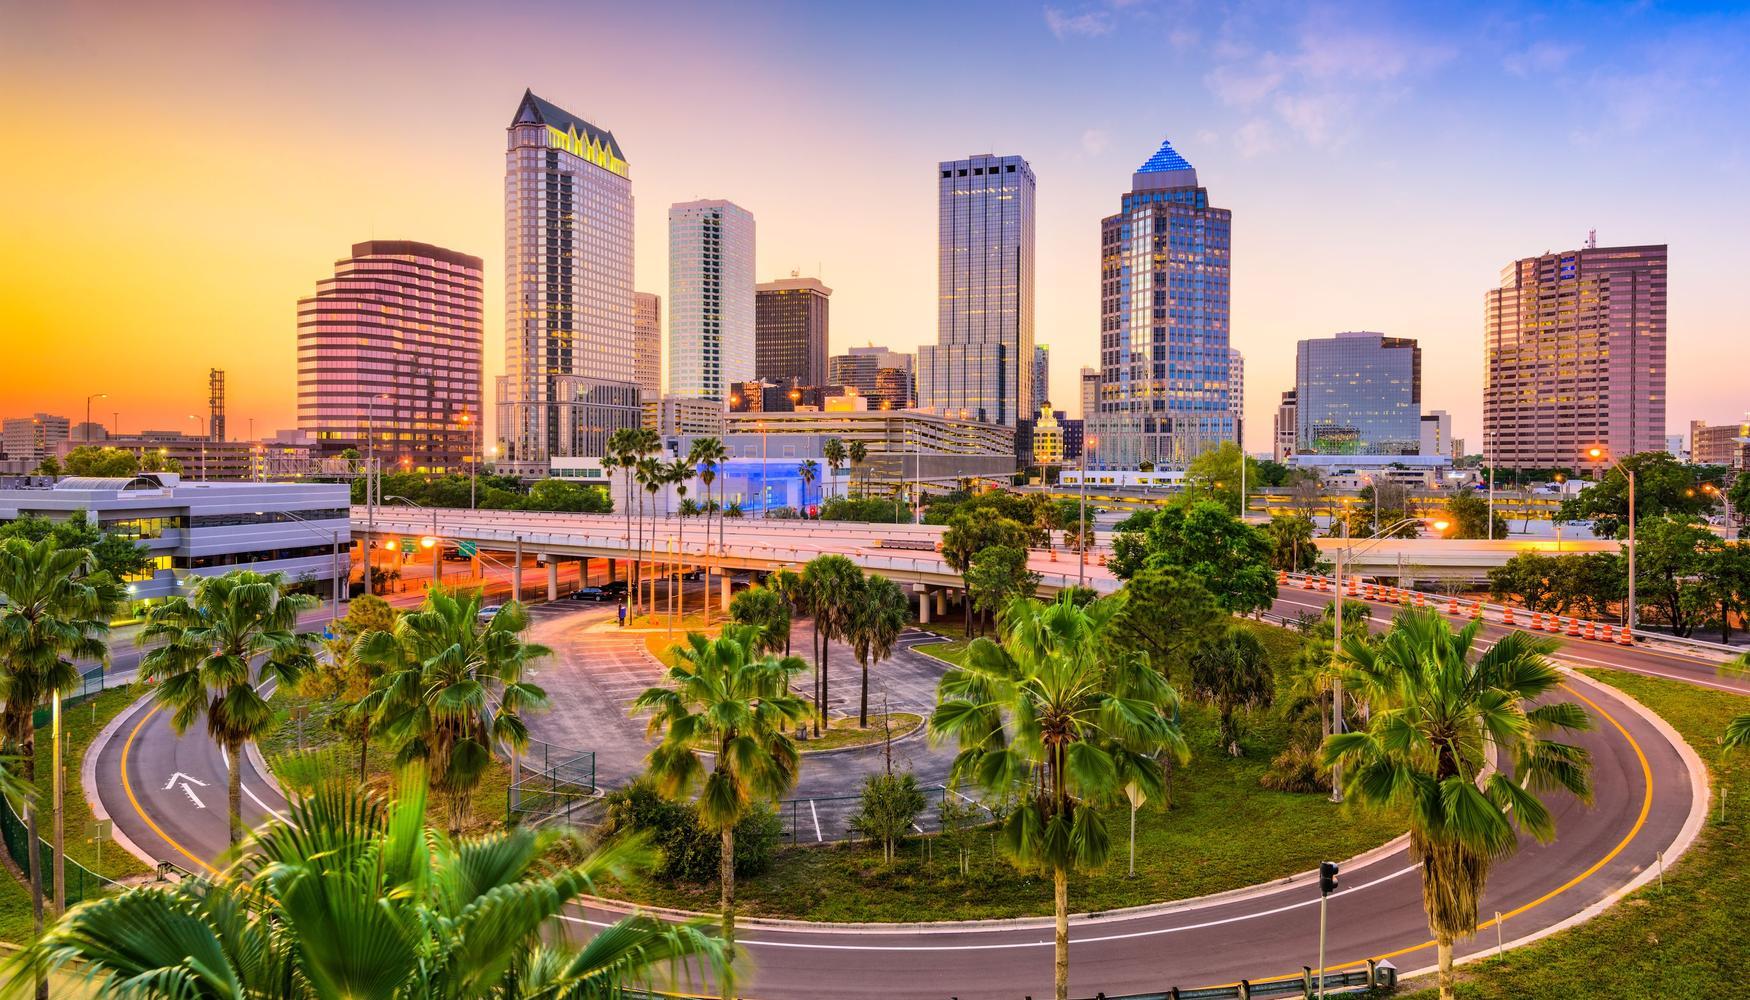 Autonoleggio a Aeroporto di Tampa St. Petersburg